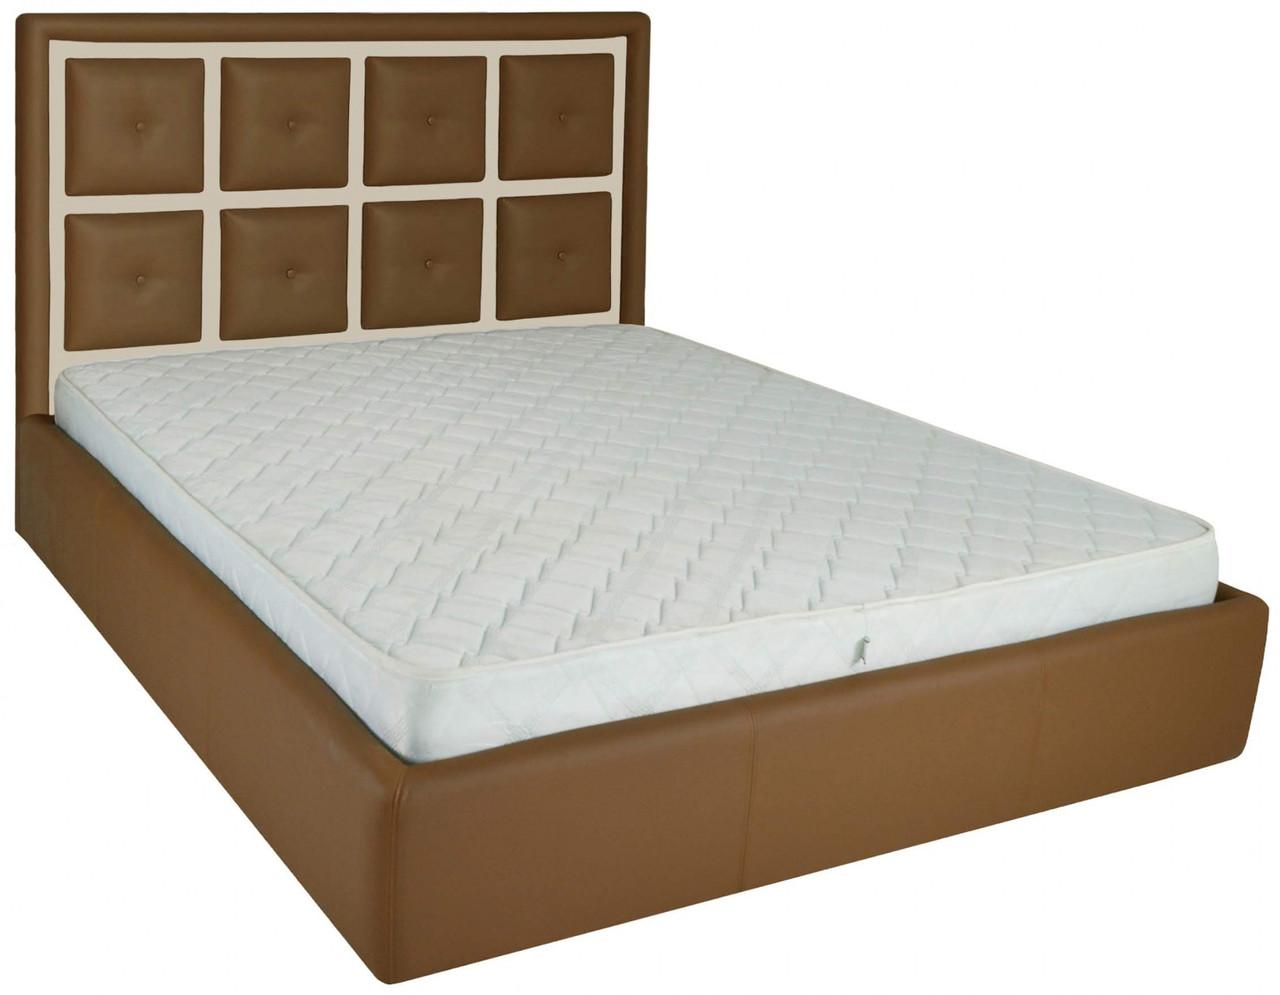 Ліжко Richman Віндзор 140 х 200 см Флай 2213/2207 З підйомним механізмом і нішею для білизни Коричнева+Бежева